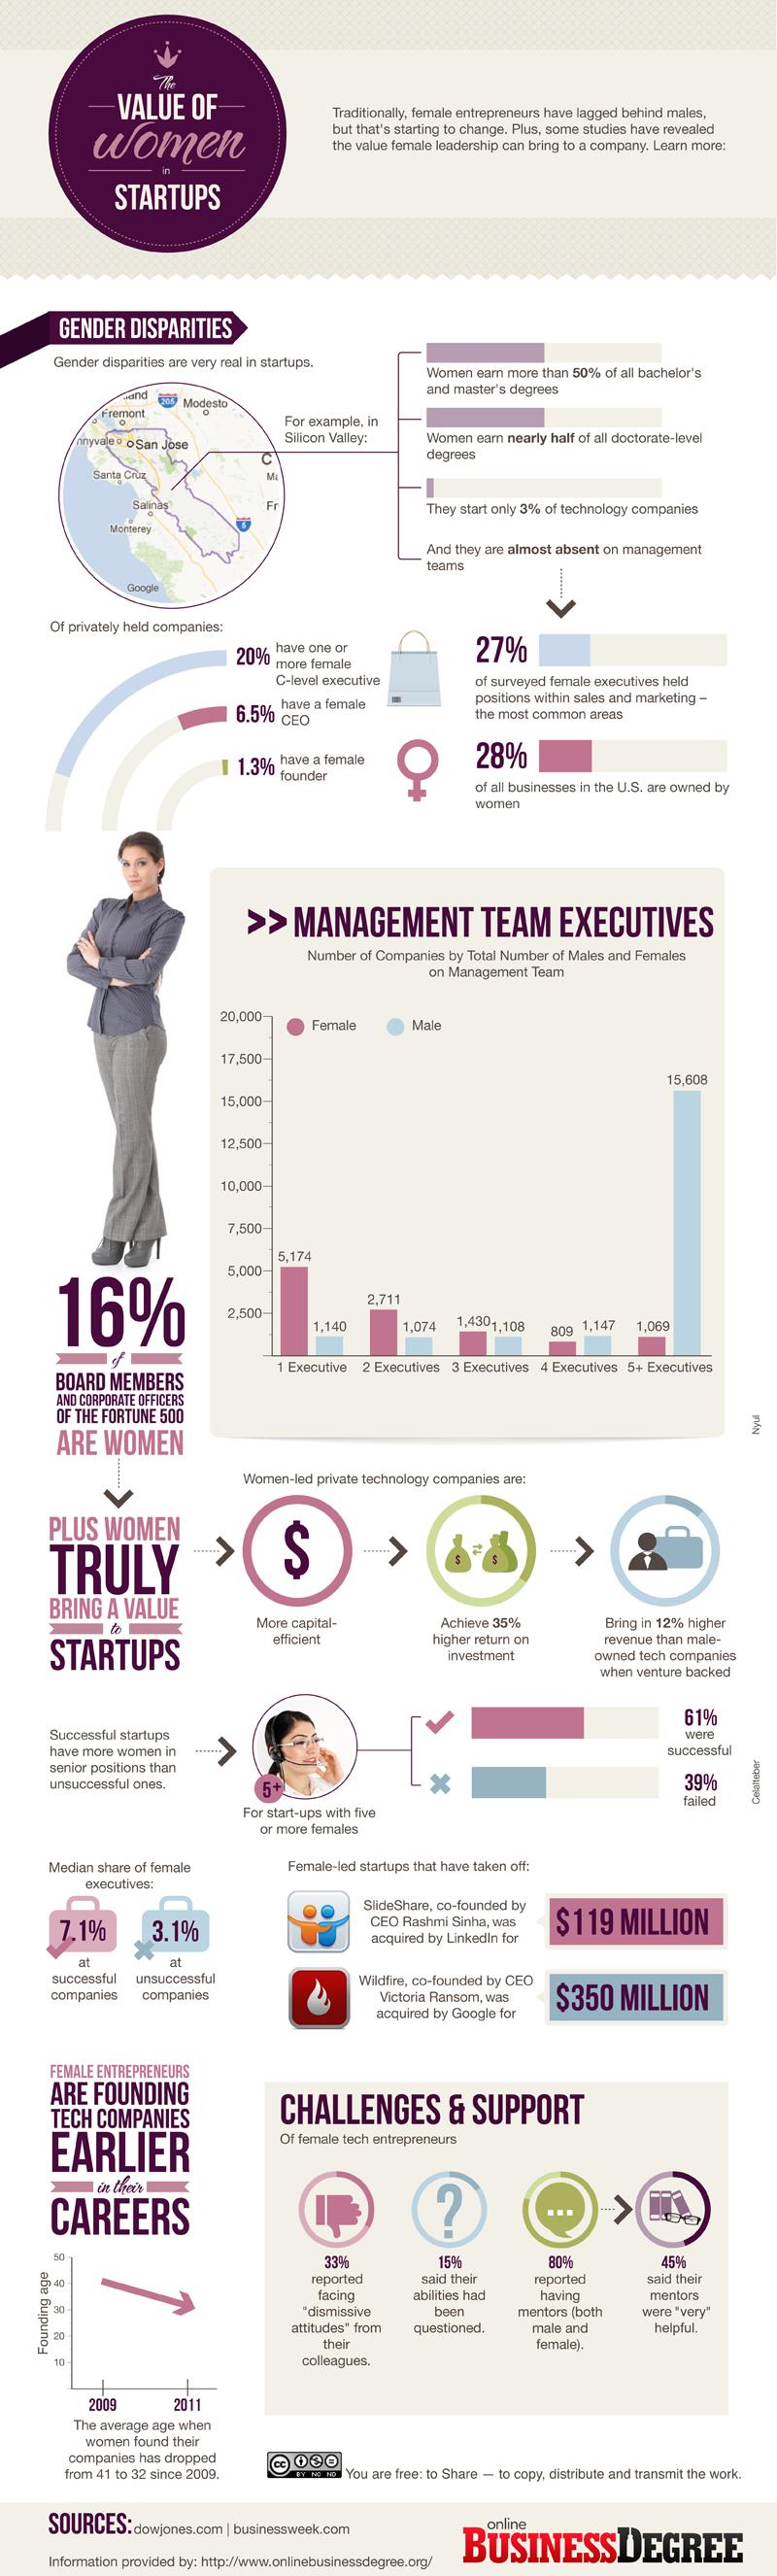 02 Women-in-Startups-800